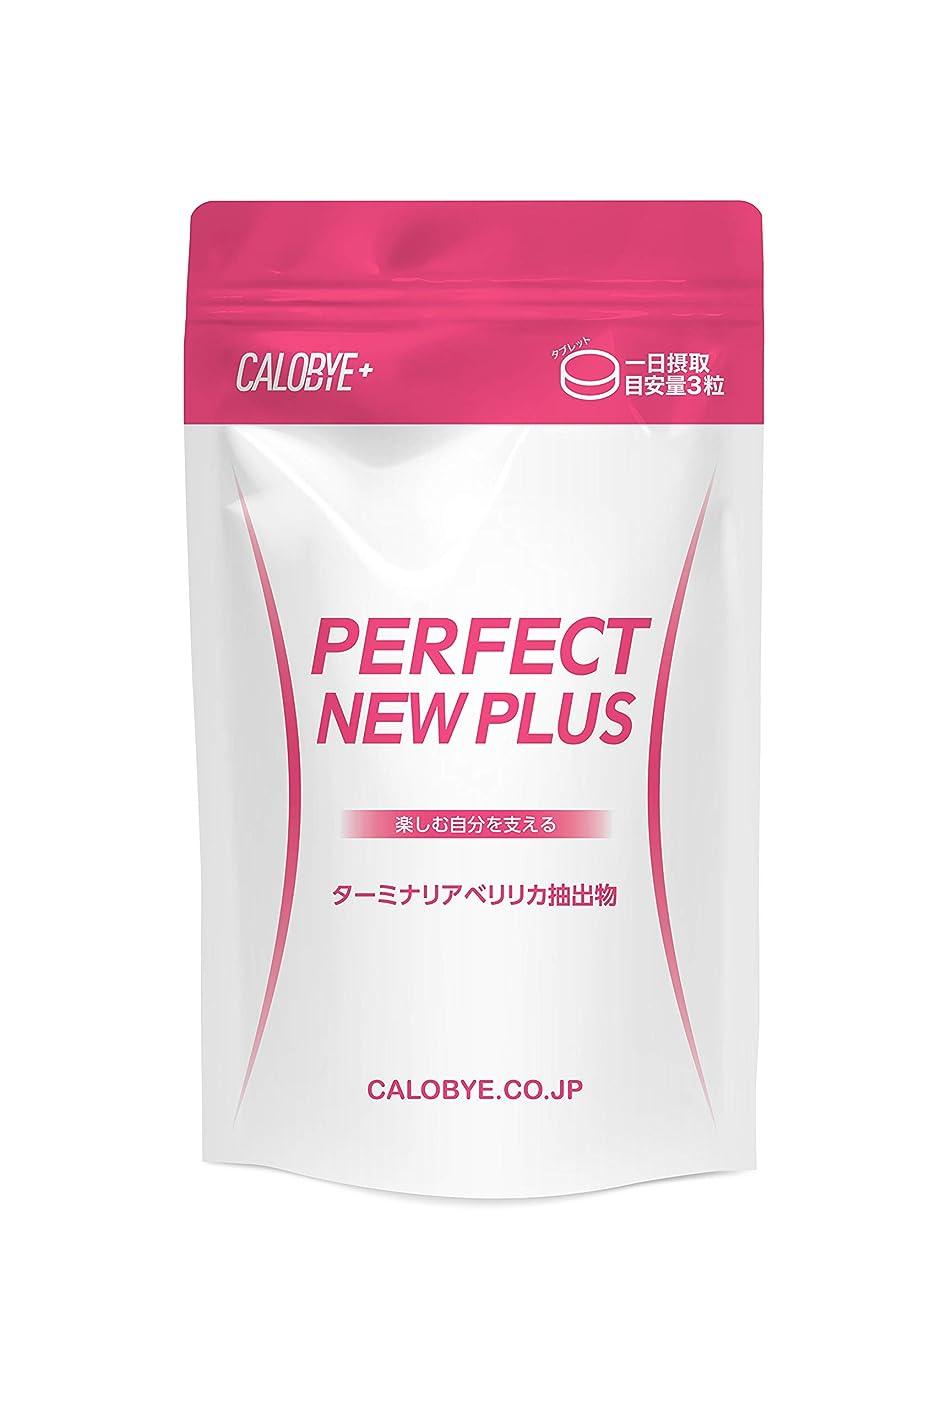 に慣れセグメントブラシ【カロバイプラス公式】CALOBYE+ Perfect New Plus(カロバイプラス?パーフェクトニュープラス)